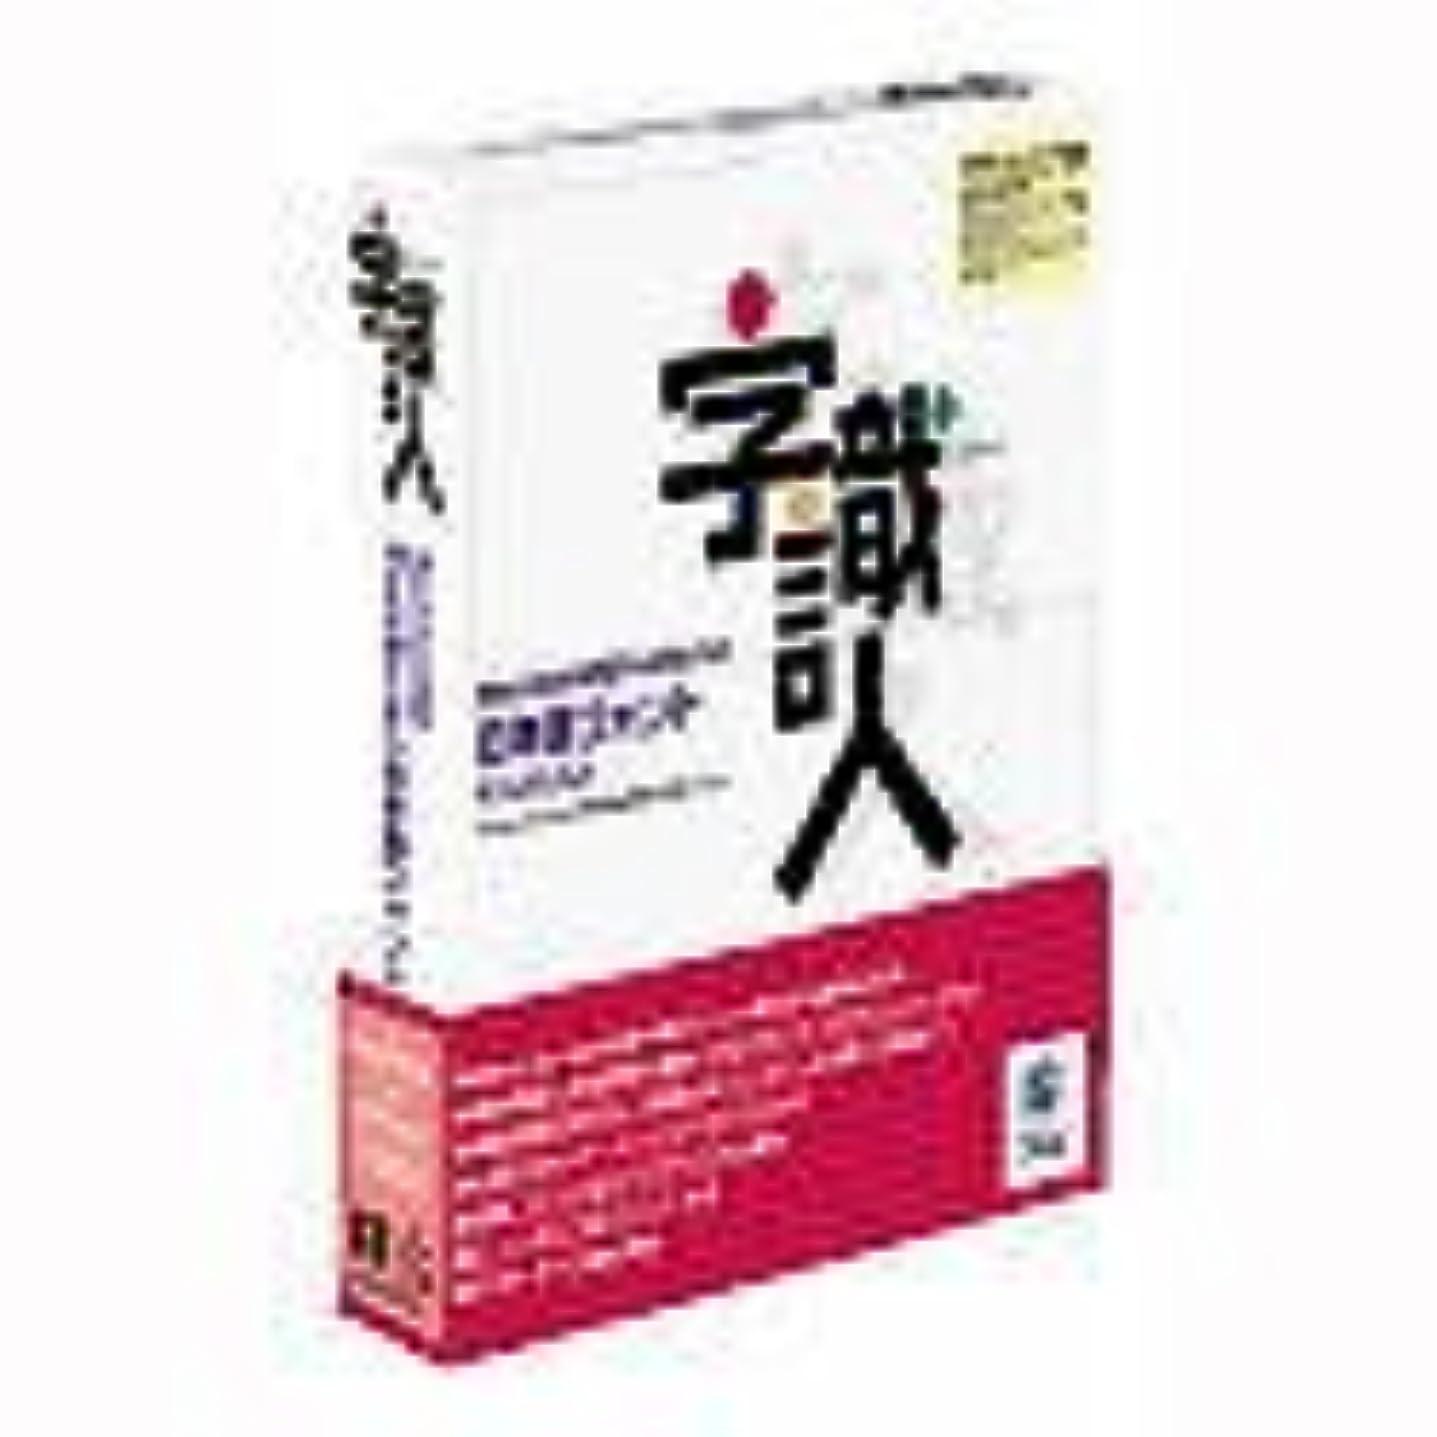 静かに自治的けん引字識人 Macintosh対応PostScript日本語フォント